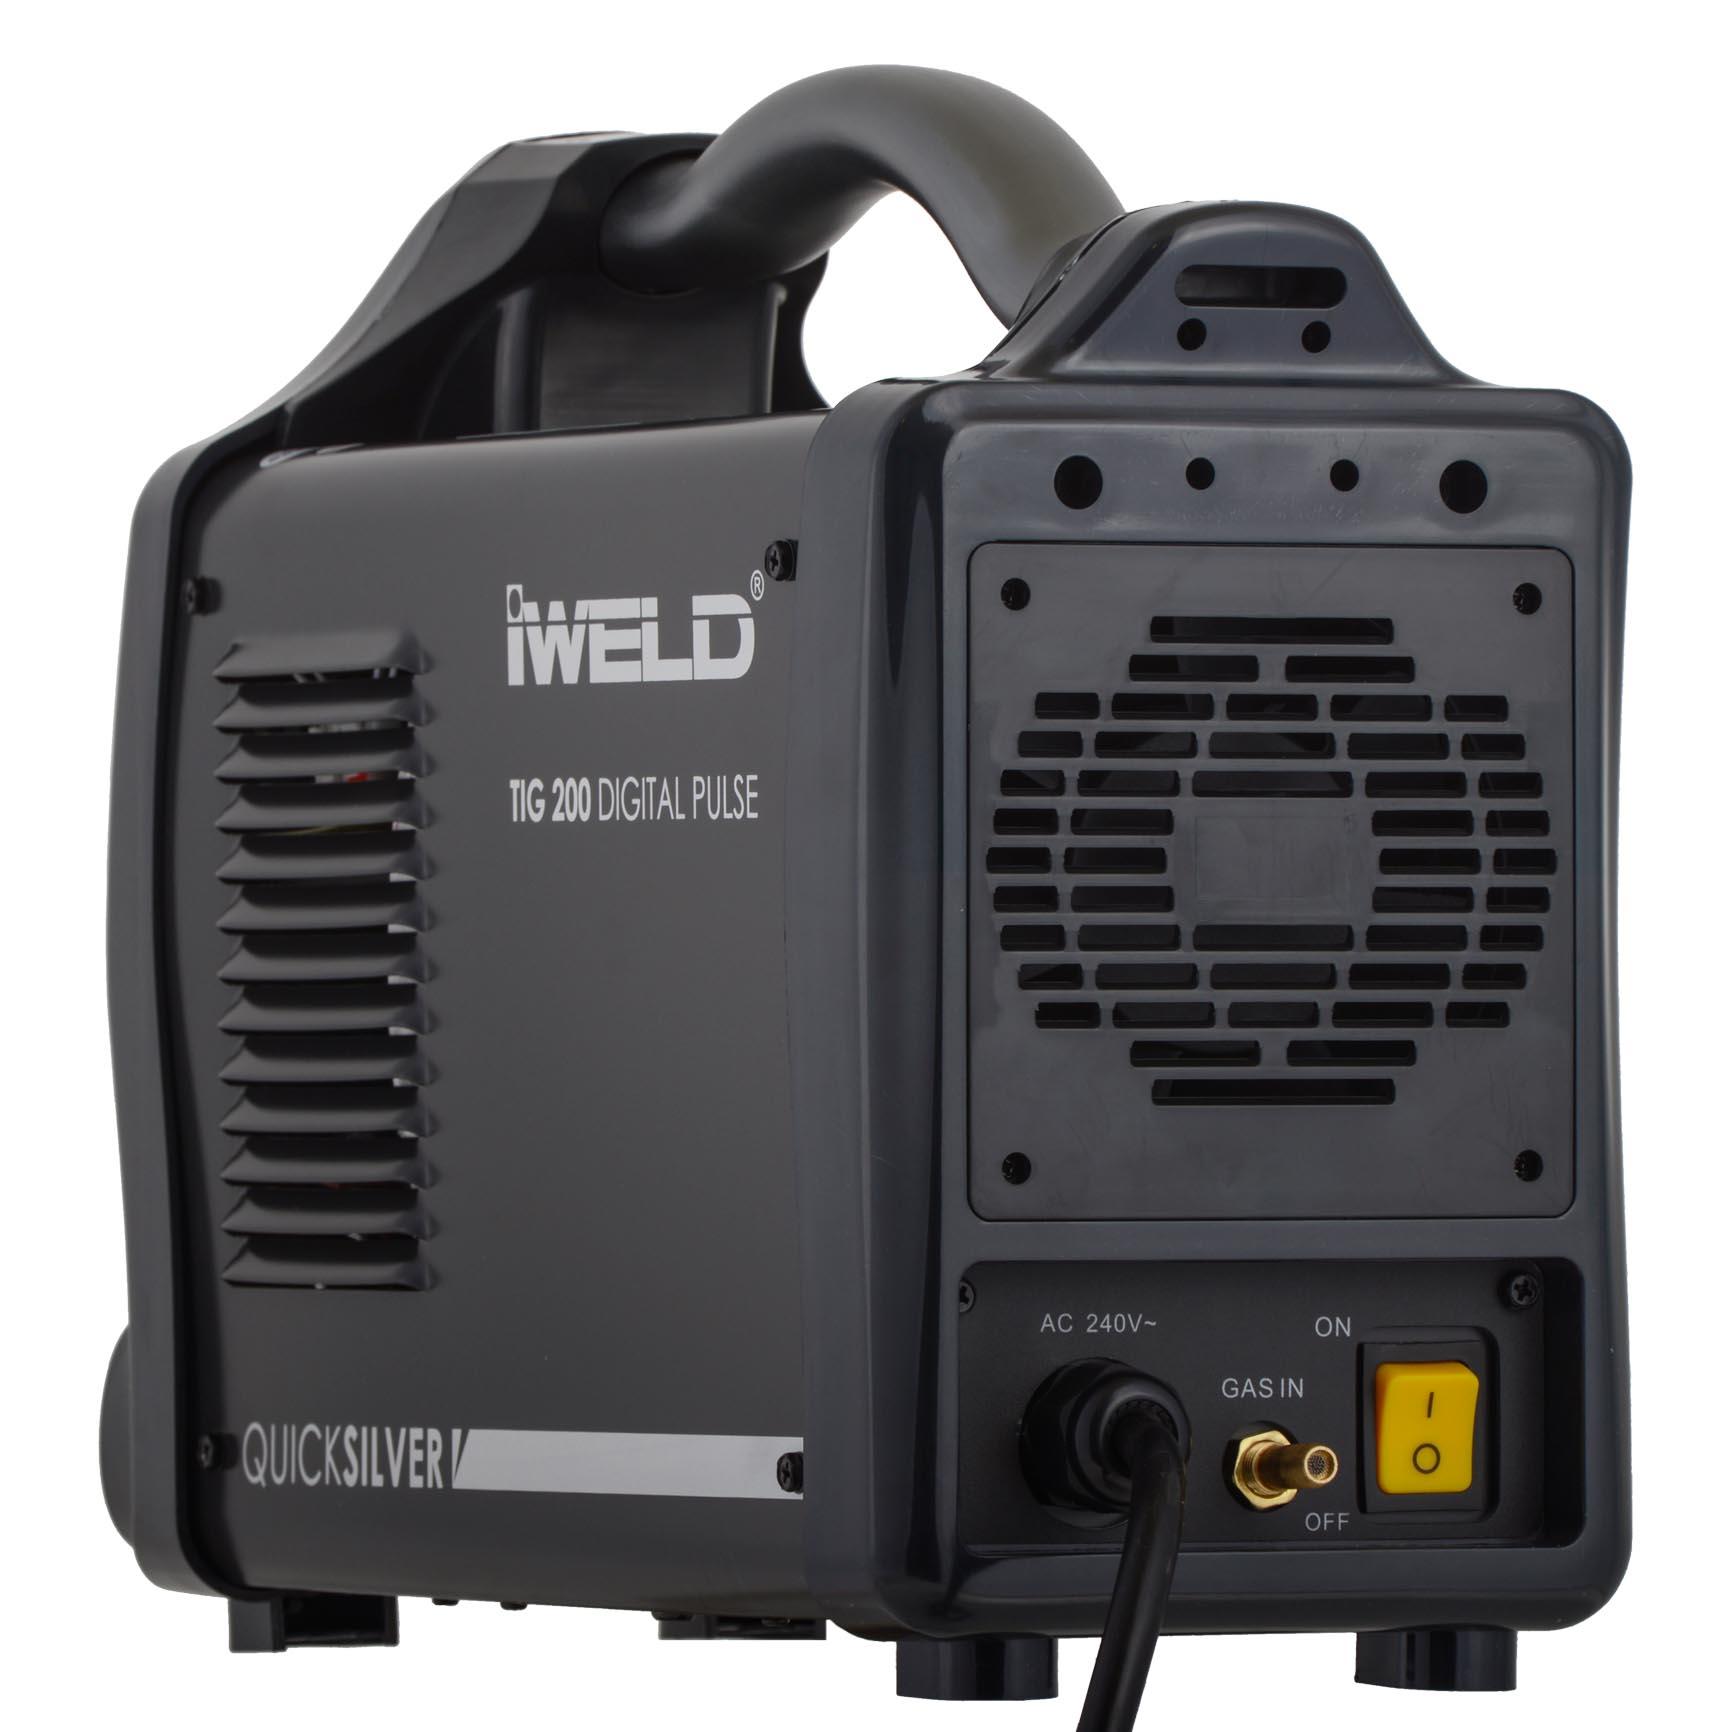 IWELD TIG 200 Digital Pulse, 200A, 10 programe, accesorii incluse